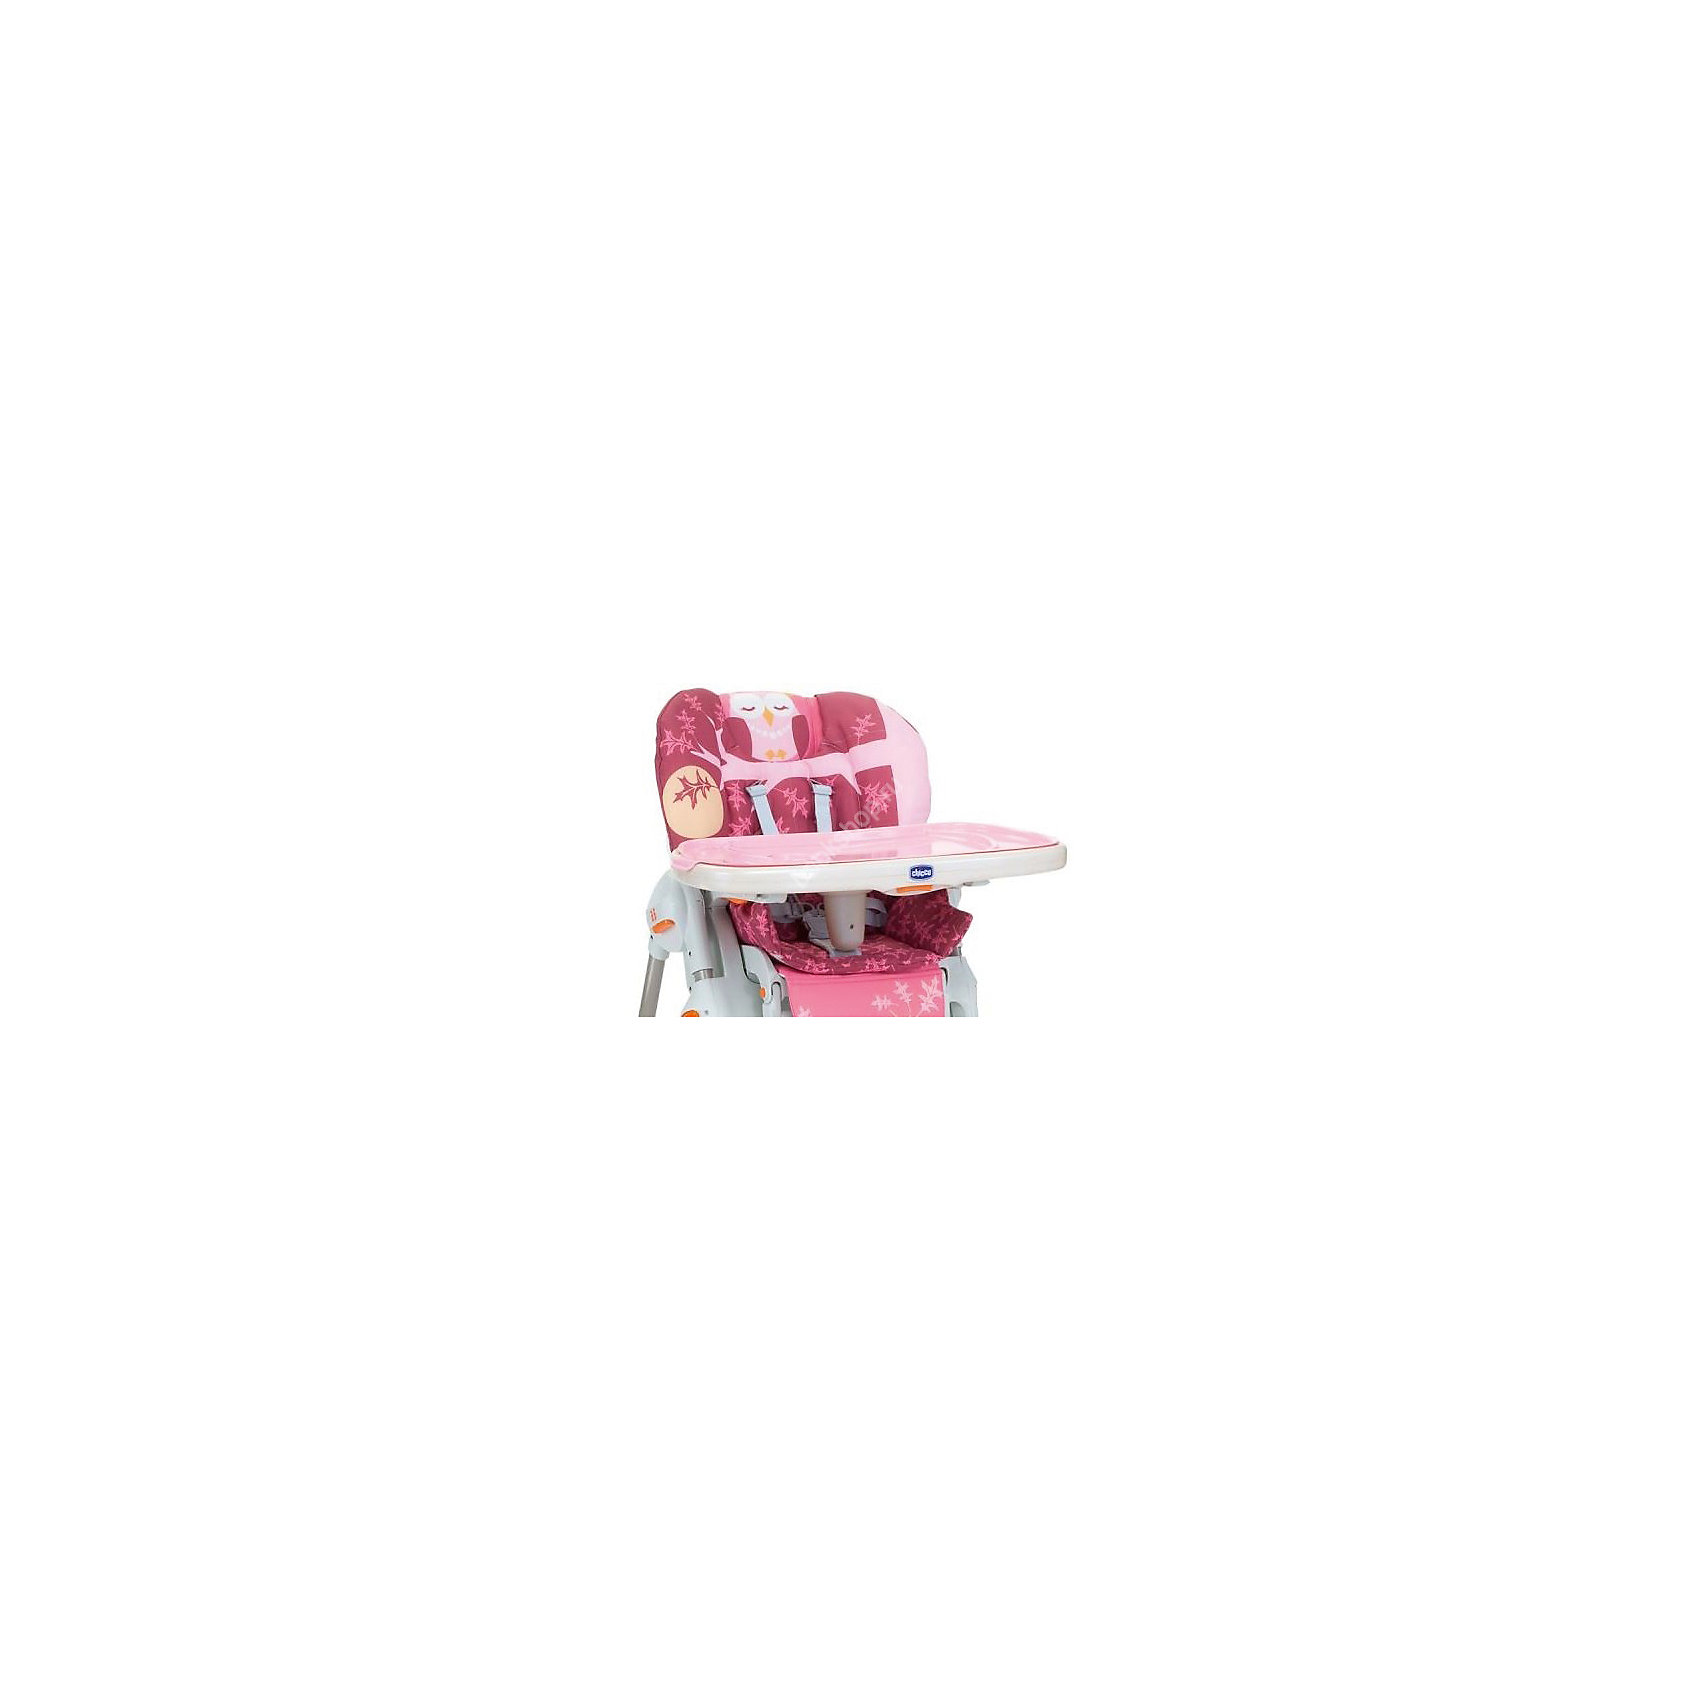 Съёмный поднос для POLLY, CHICCO, розовыйСъемный поднос для стульчика Polly – отличная вещь для родителей, которые хотят обновить дизайн детского стульчика без серьезных затрат. Поднос защитит столик от загрязнений во время принятия пищи. Аксессуар легко очищается и снимается.  По бокам у подноса есть защелки, которые прочно крепят его к столику, защищая поднос от падения. У представленной модели присутствуют ограничители для тарелочек и чашки малыша. Материалы, использованные при изготовлении подноса, отвечают всем современным требованиям к качеству и безопасности детских товаров.<br><br>Дополнительная информация:<br><br>материал: пластик;<br>цвет: розовый;<br>аксессуар подходит для стульчика Polly 2 в 1.<br><br>Съемный поднос для Polly фирмы CHICCO можно купить в нашем магазине.<br><br>Ширина мм: 660<br>Глубина мм: 330<br>Высота мм: 25<br>Вес г: 450<br>Возраст от месяцев: 6<br>Возраст до месяцев: 36<br>Пол: Унисекс<br>Возраст: Детский<br>SKU: 4964757